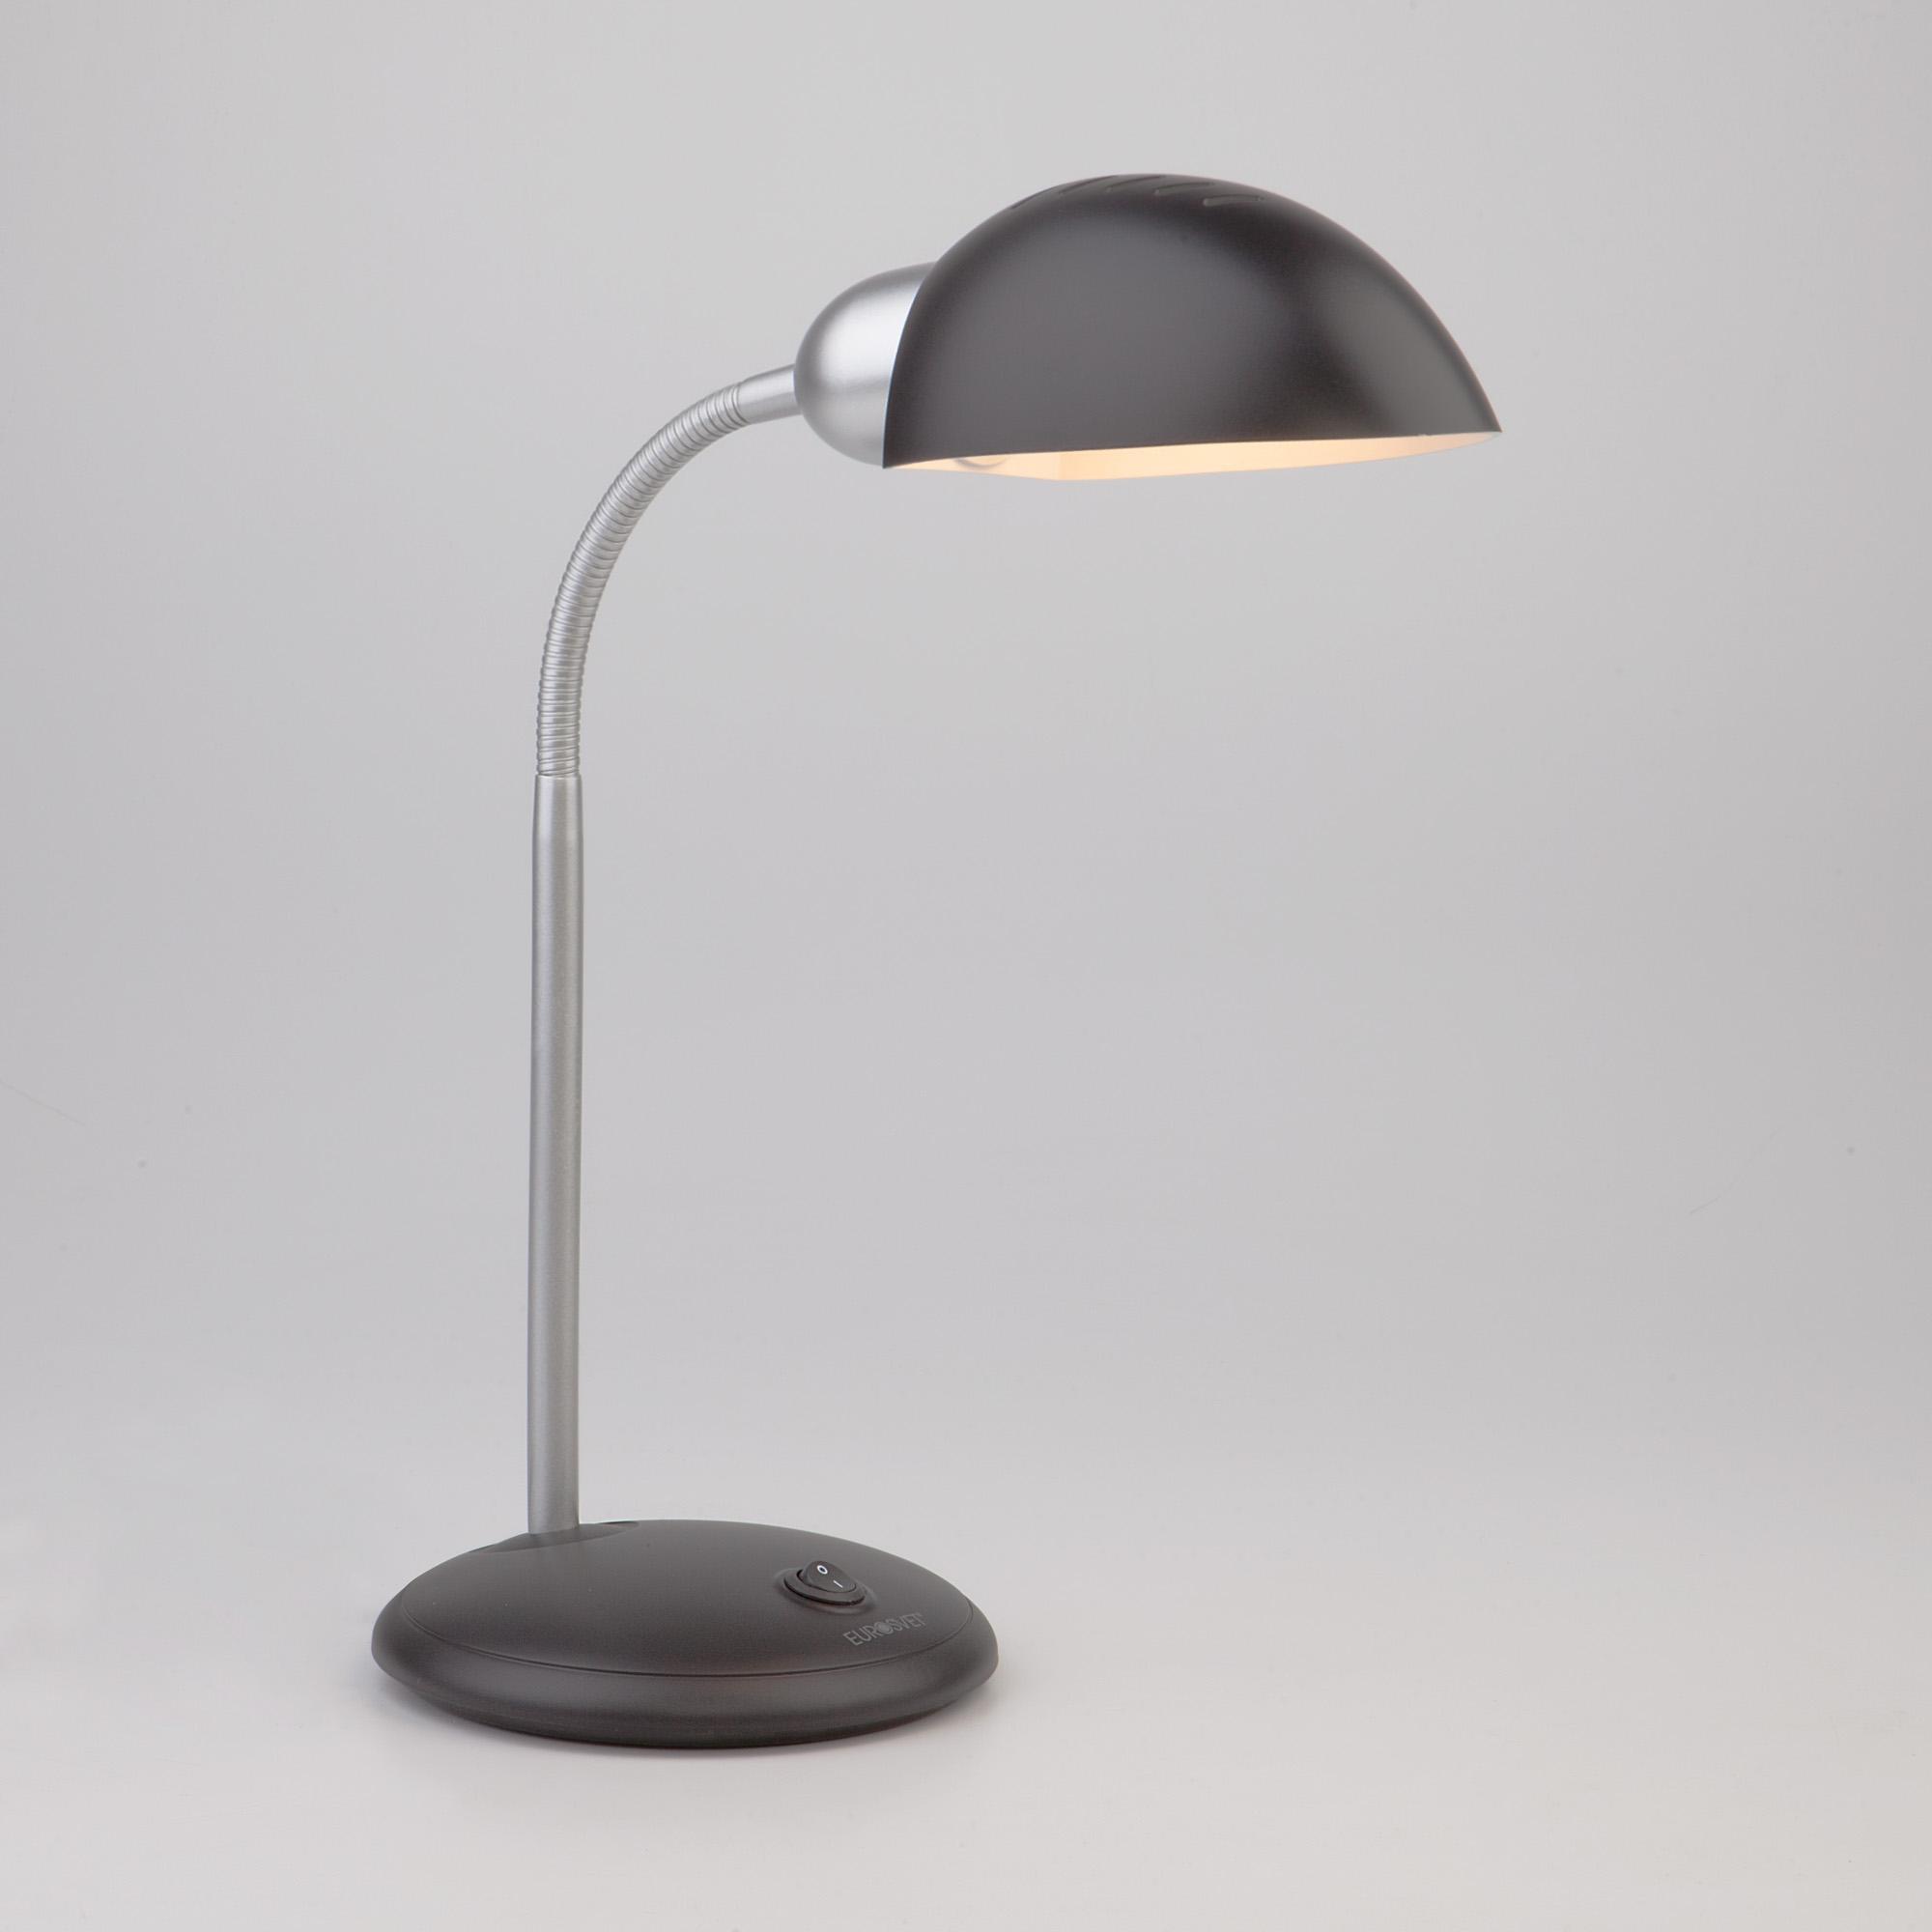 Настольный светильник Eurosvet 1926 1926 Черный